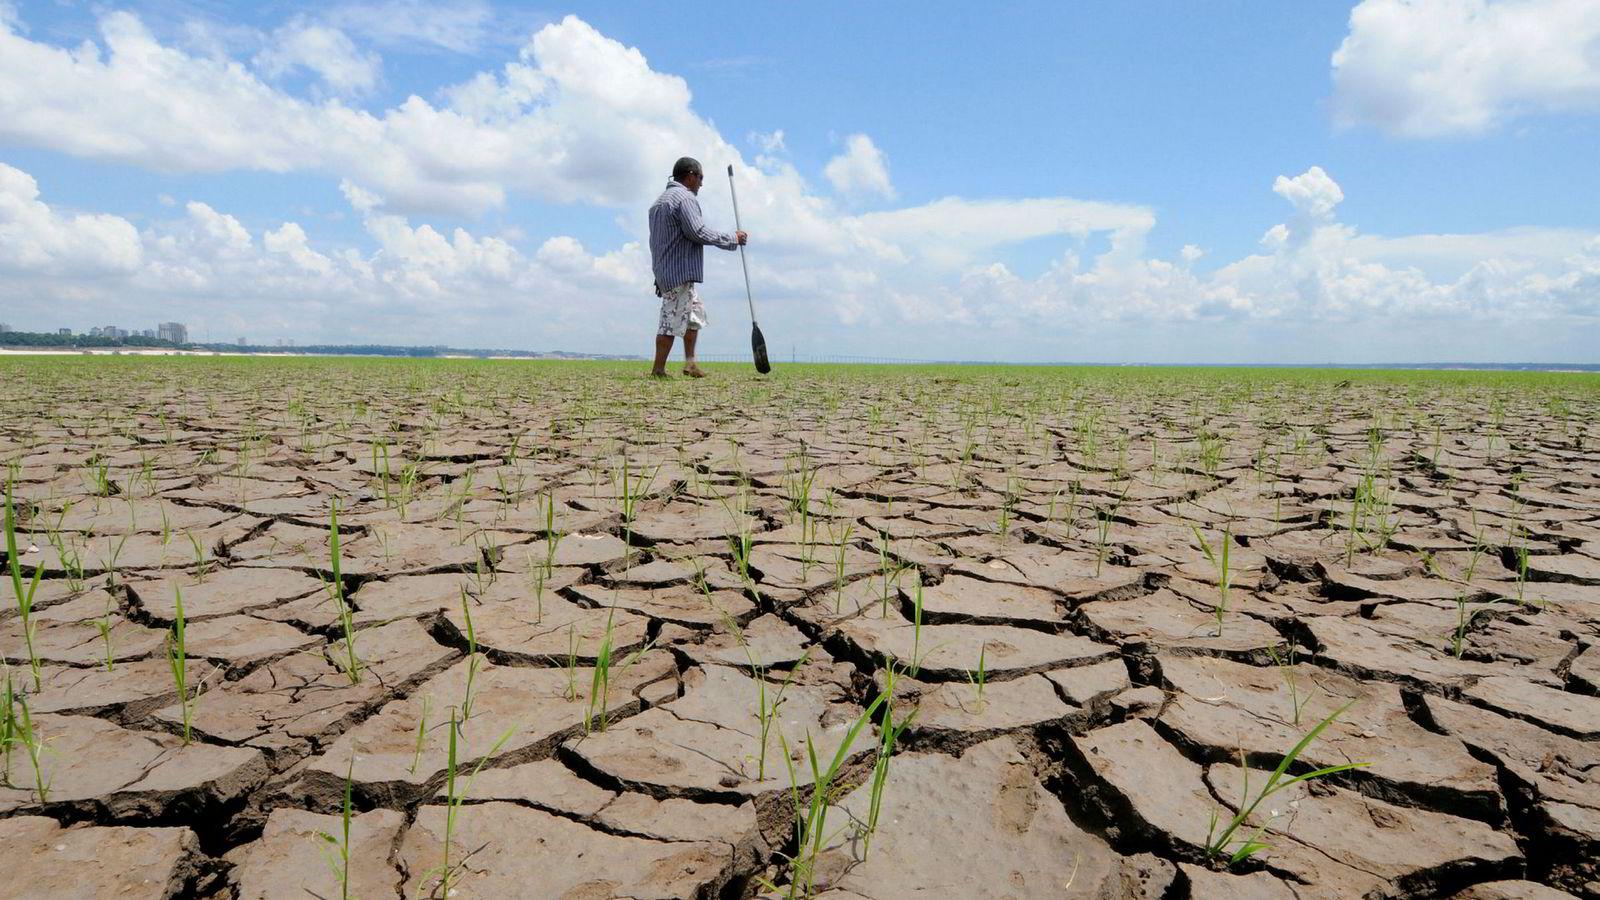 Professor kritiserer FNs klimapanel for å ha nedtonet risikoen ved de pågående klimaendringene. Bildet viser en uttørket del av elven Rio Negro i Brasil som er en stor biflod til Amazonas.